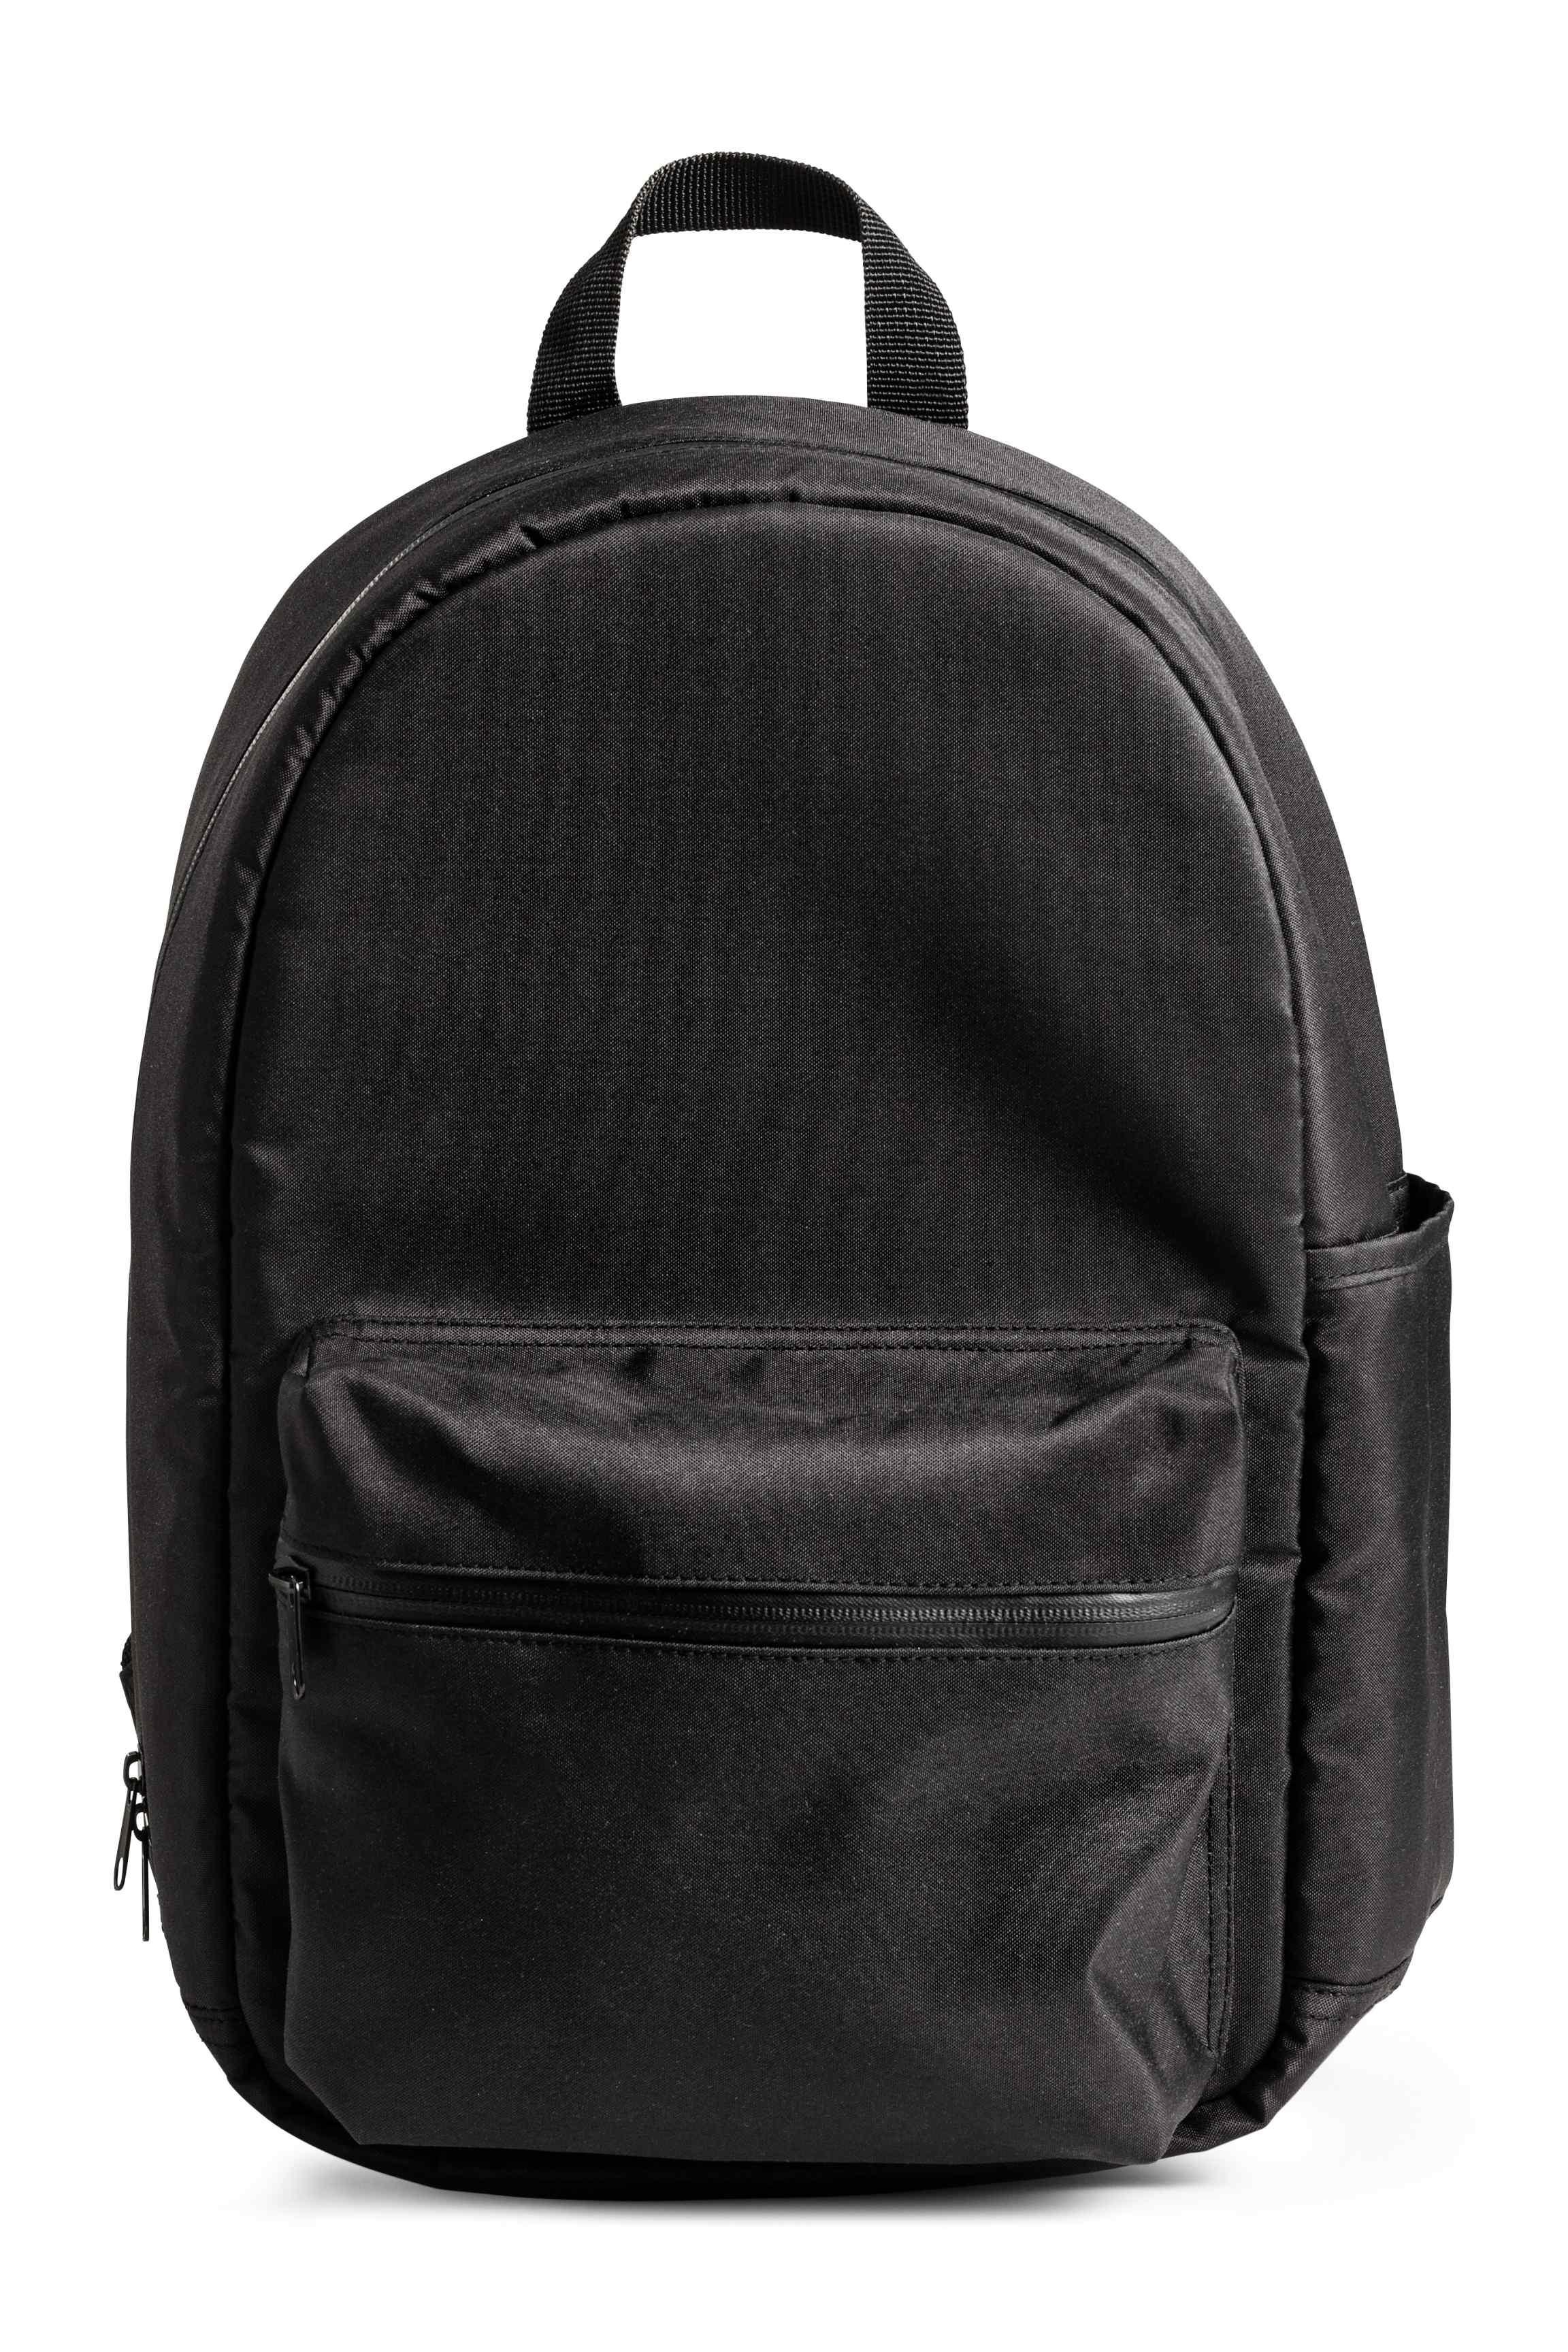 Backpack, £24.99 ( hm.com )